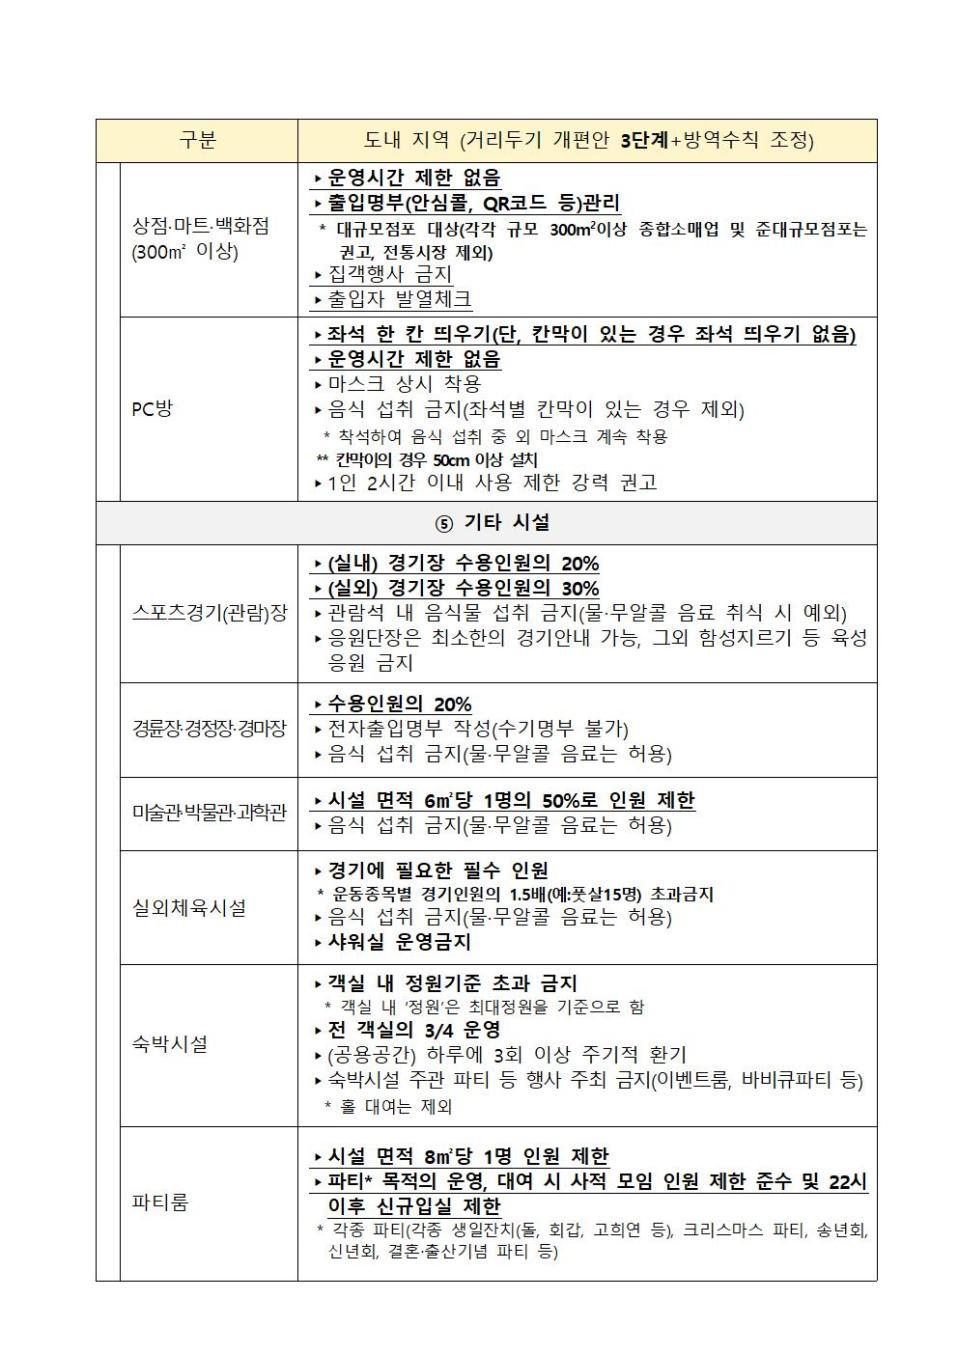 3단계 4주 연장_6